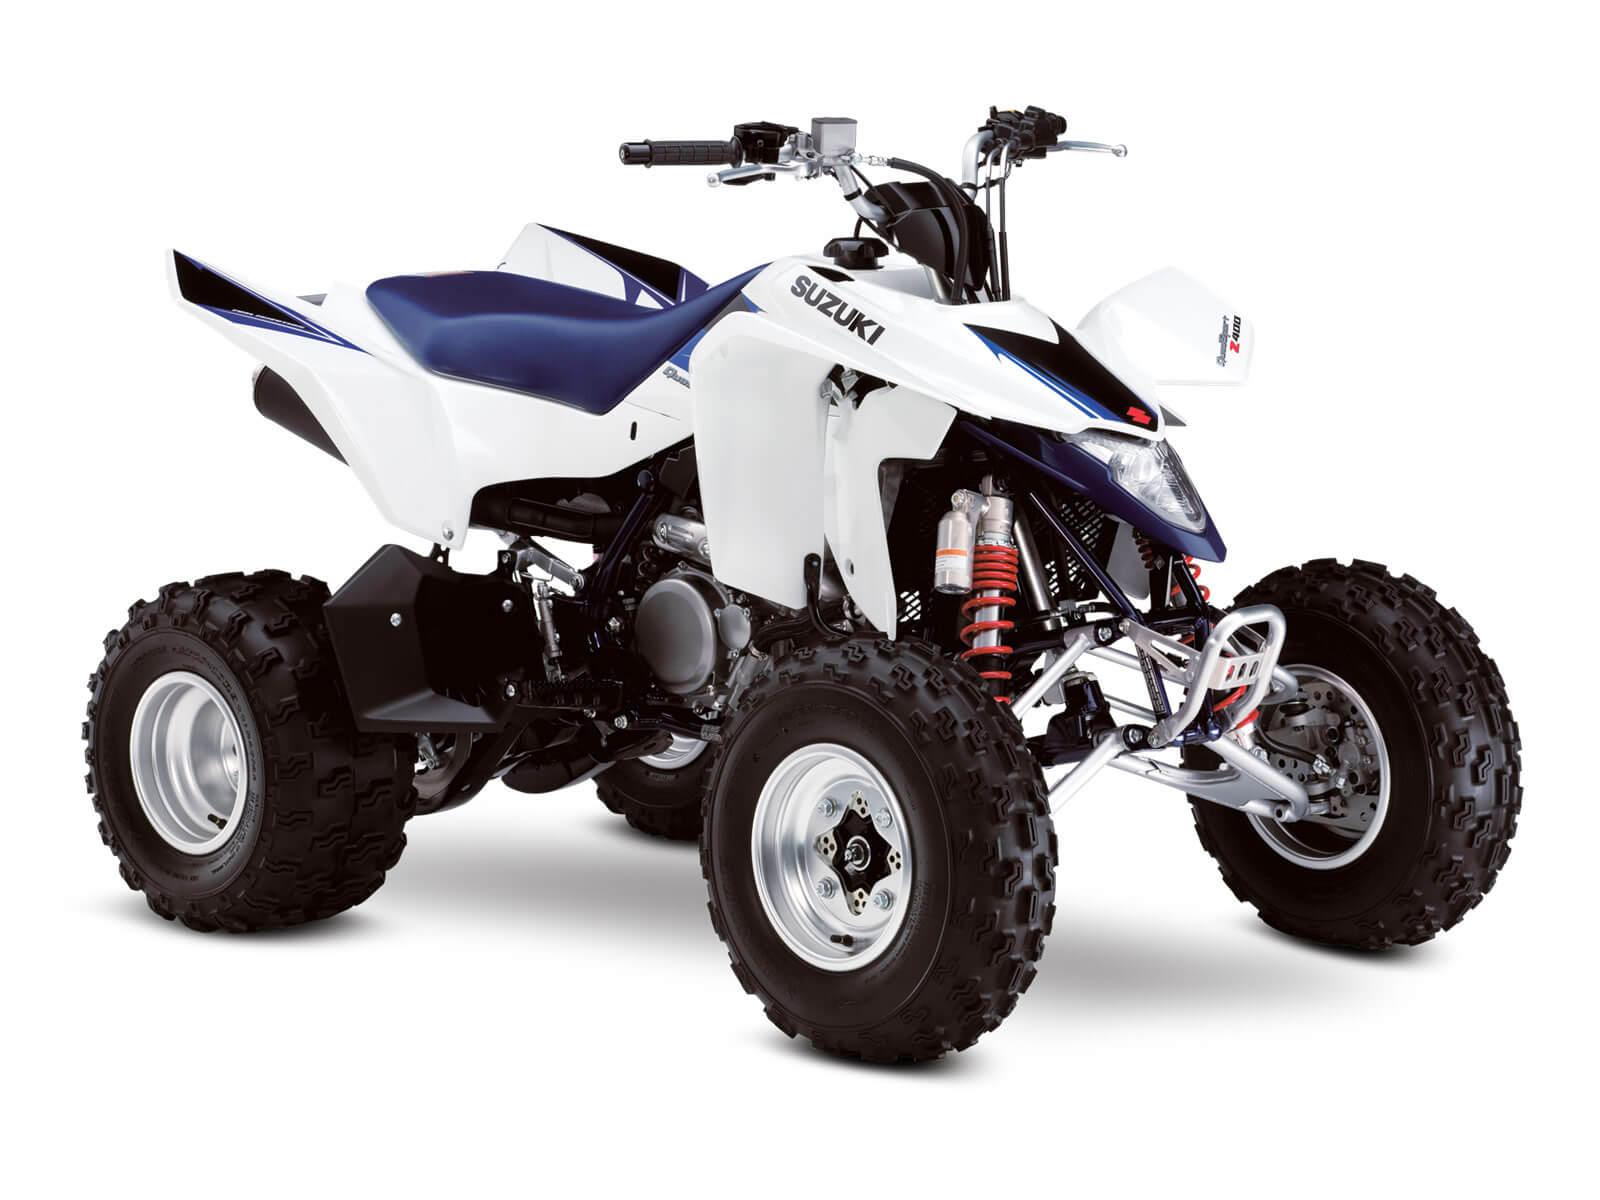 Suzuki-QuadSport-Z400